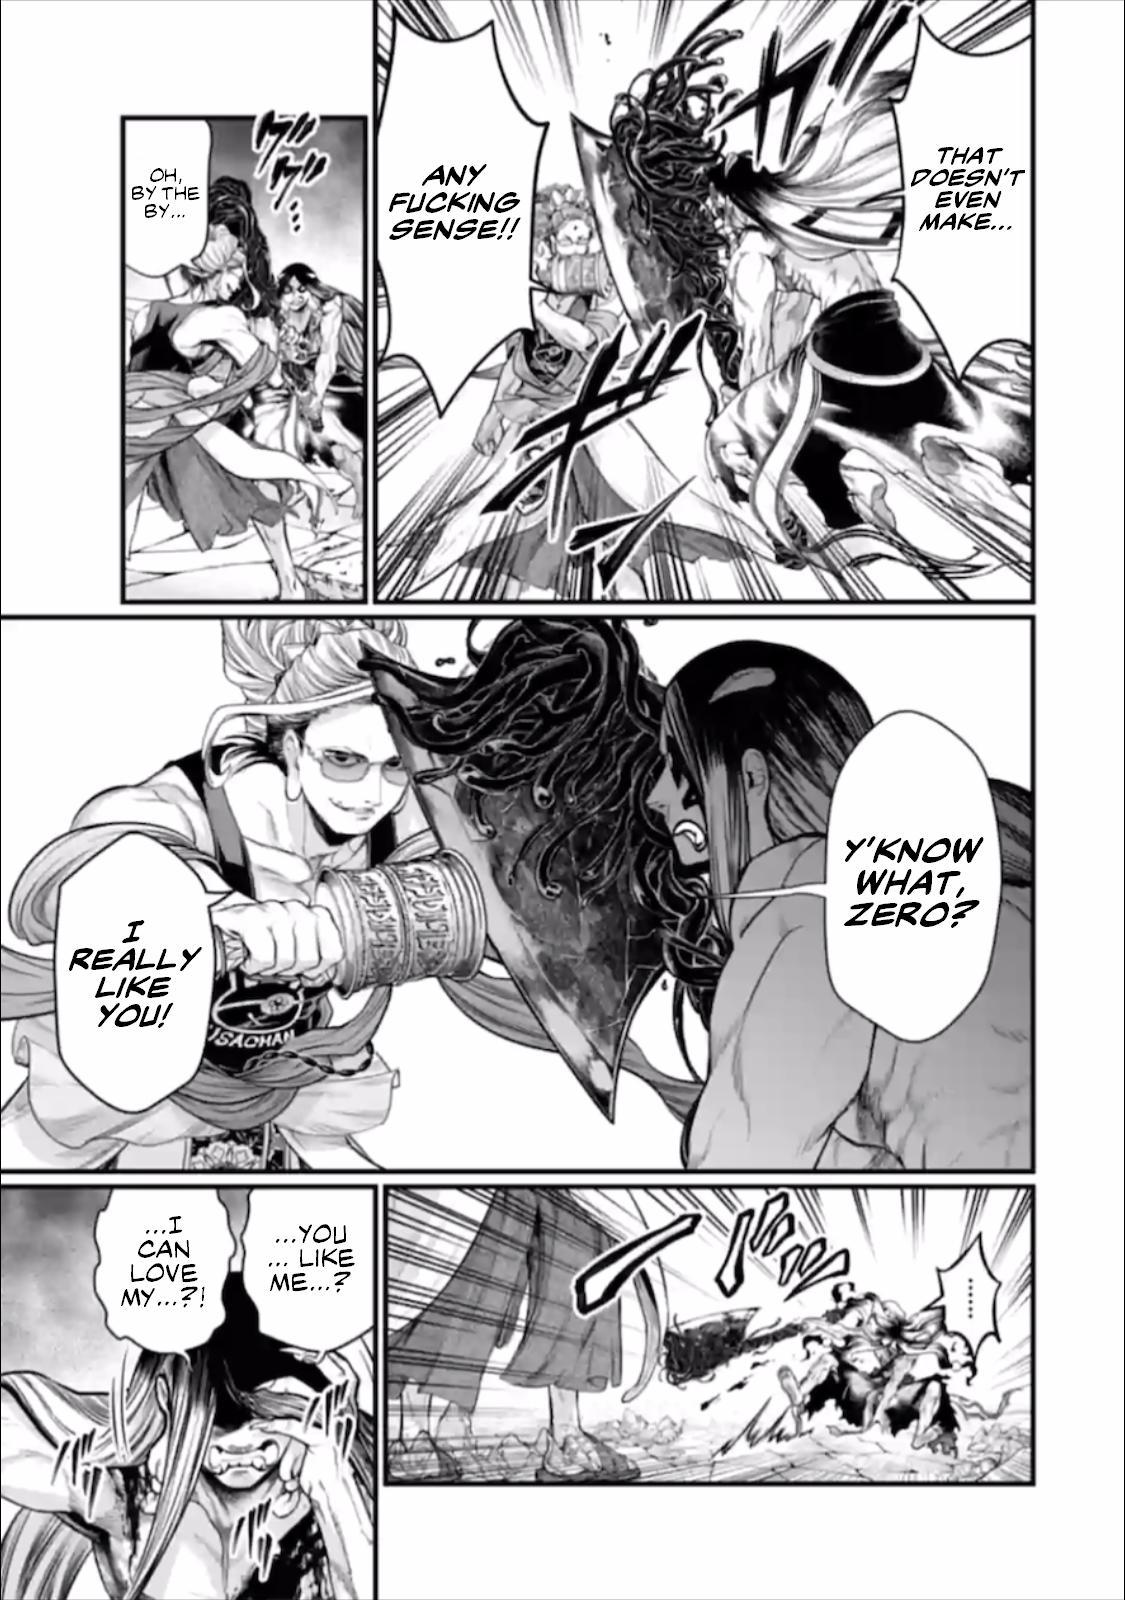 Shuumatsu no Valkyrie, Chapter 48 image 0048-028